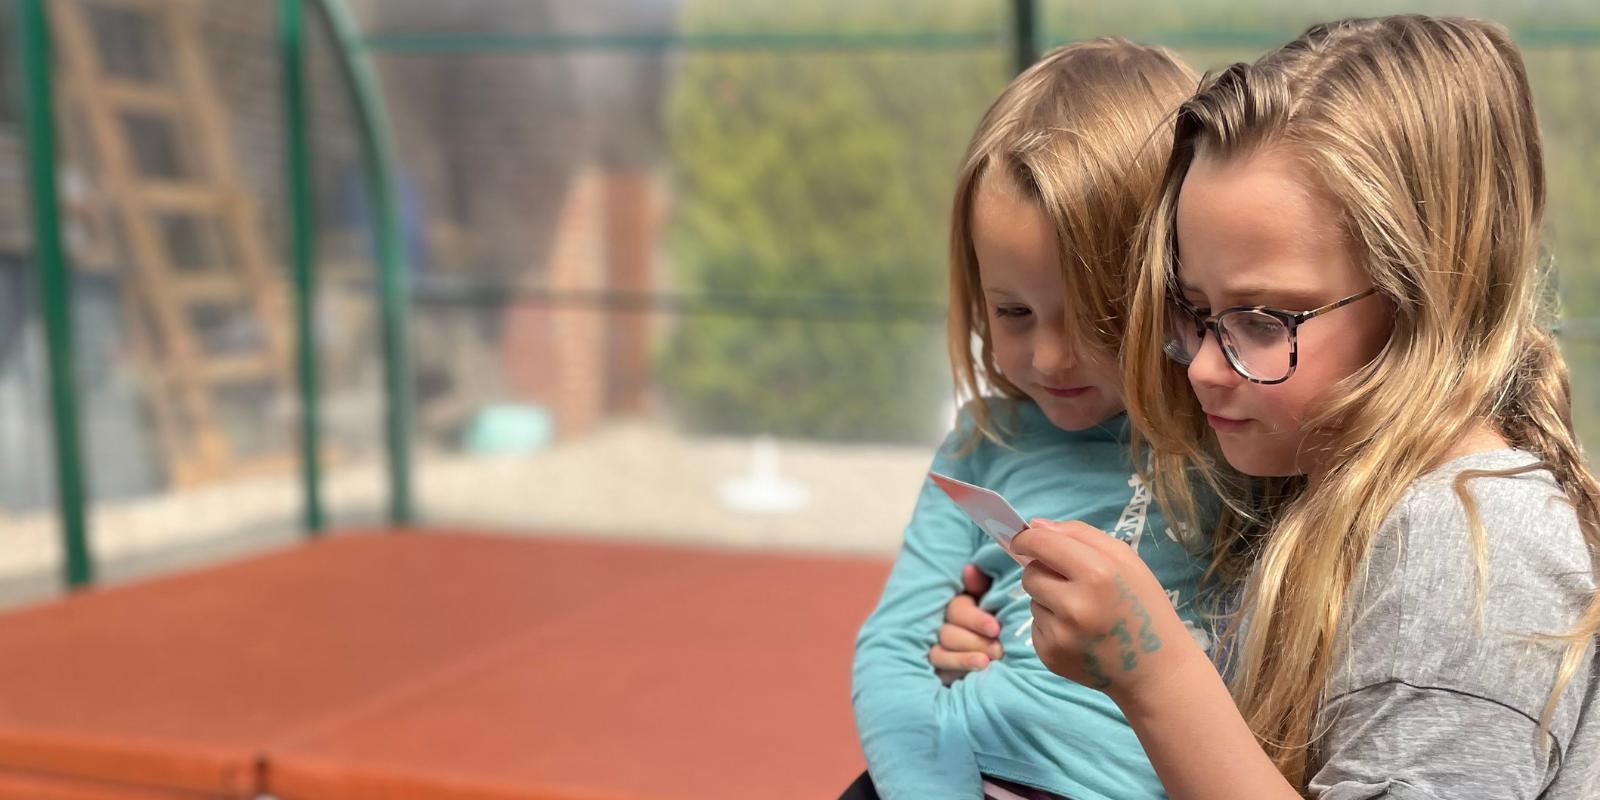 Bonheur : 10 clés pour être une famille heureuse et épanouie, des outils et conseils pour être heureux en famille